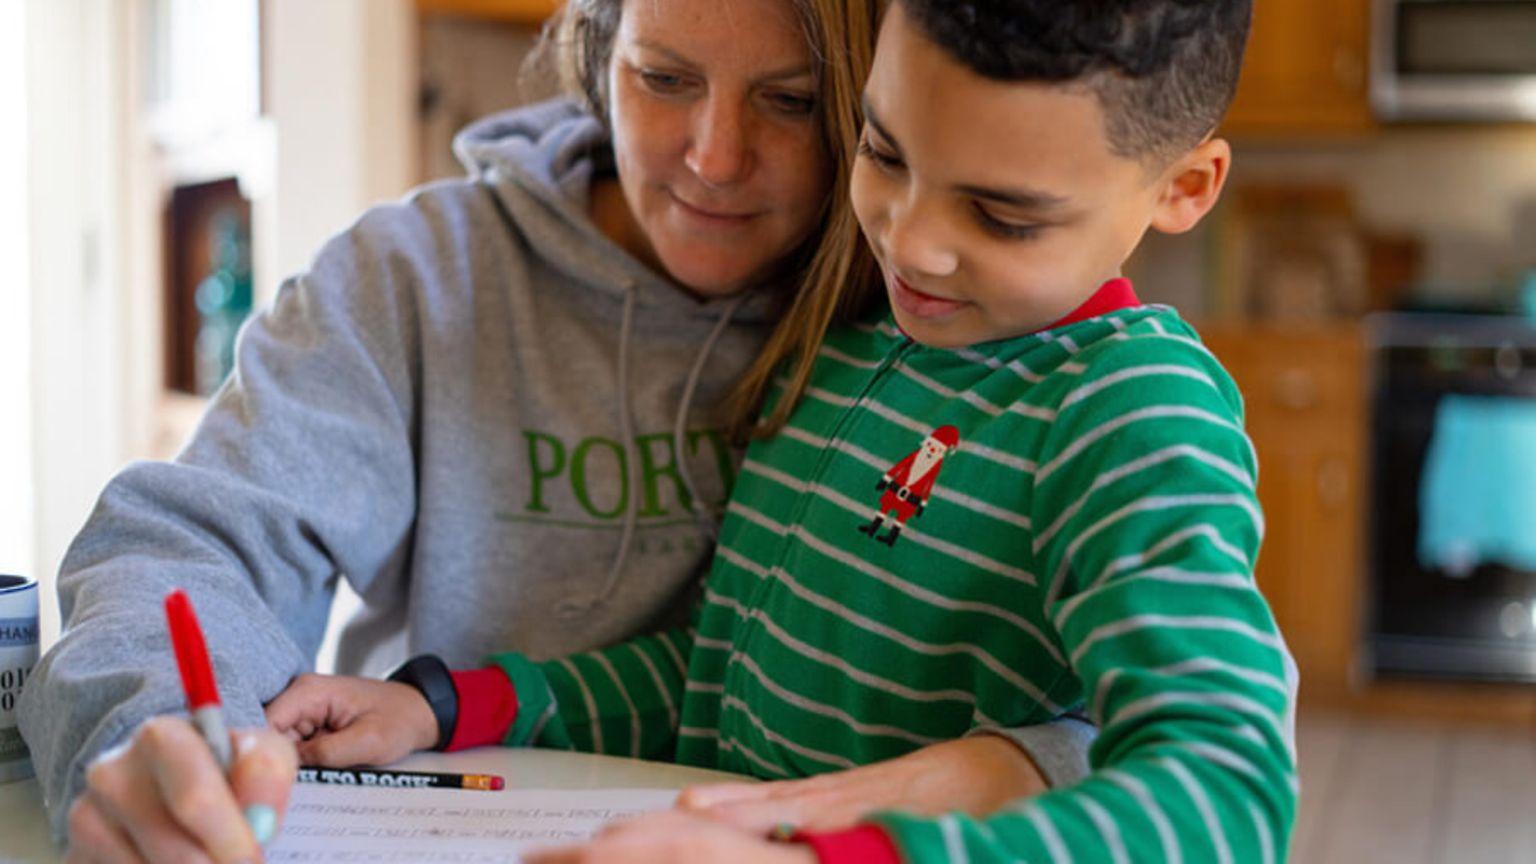 Coronavirus: Kinderpsychiaterin Gibt Tipps Für Familien Zuhause ganzes Mein Kind Hat Keine Freunde In Der Schule